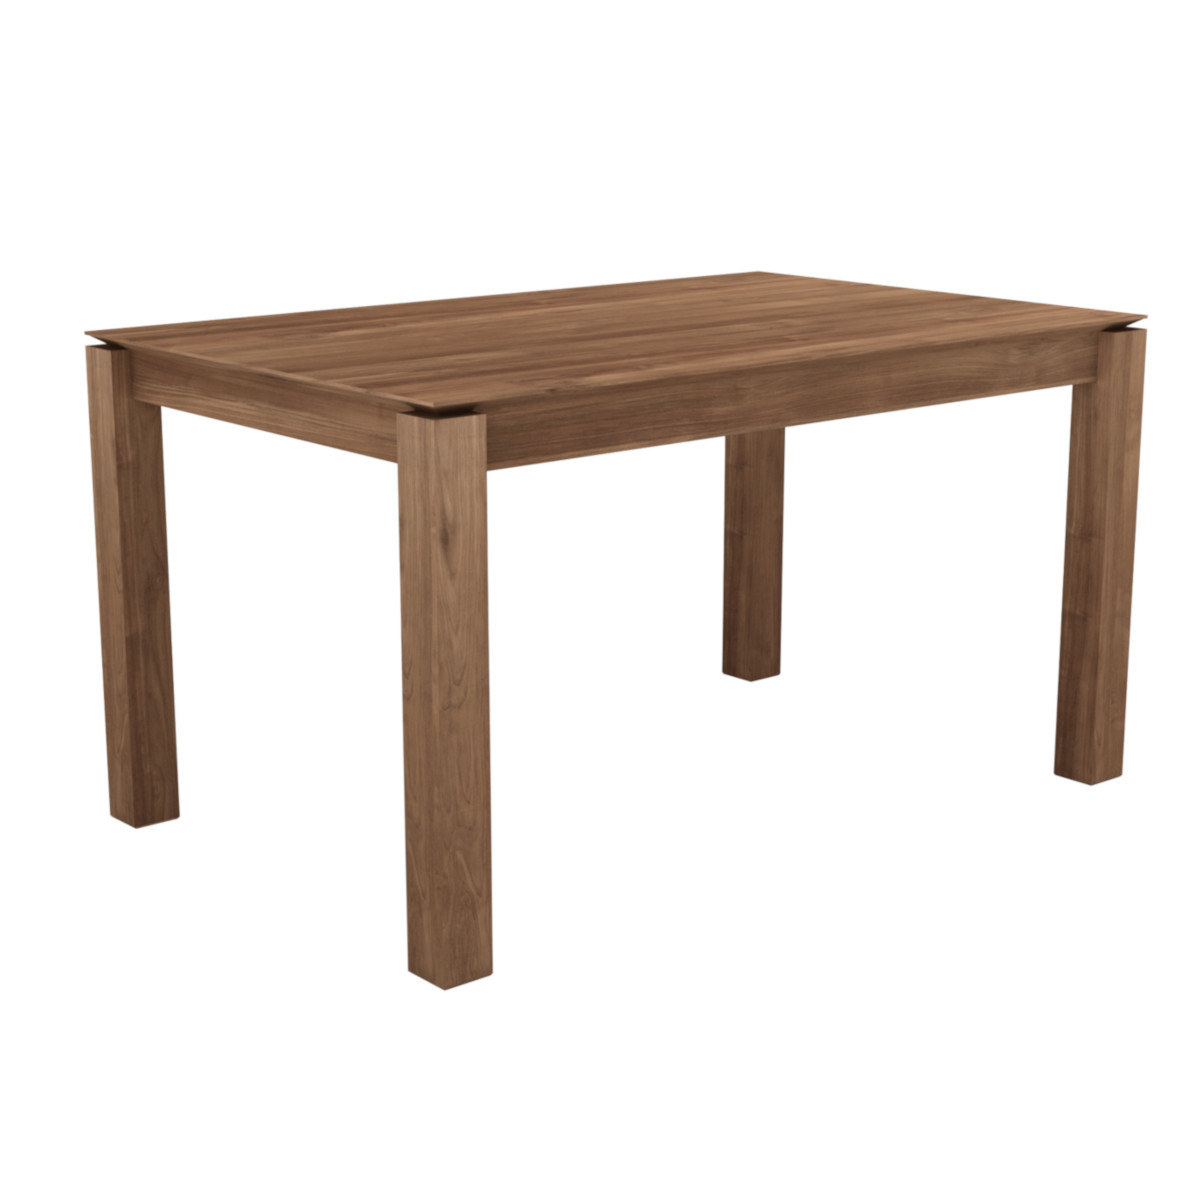 Stół rozkładany Slice Teak Ethnicraft